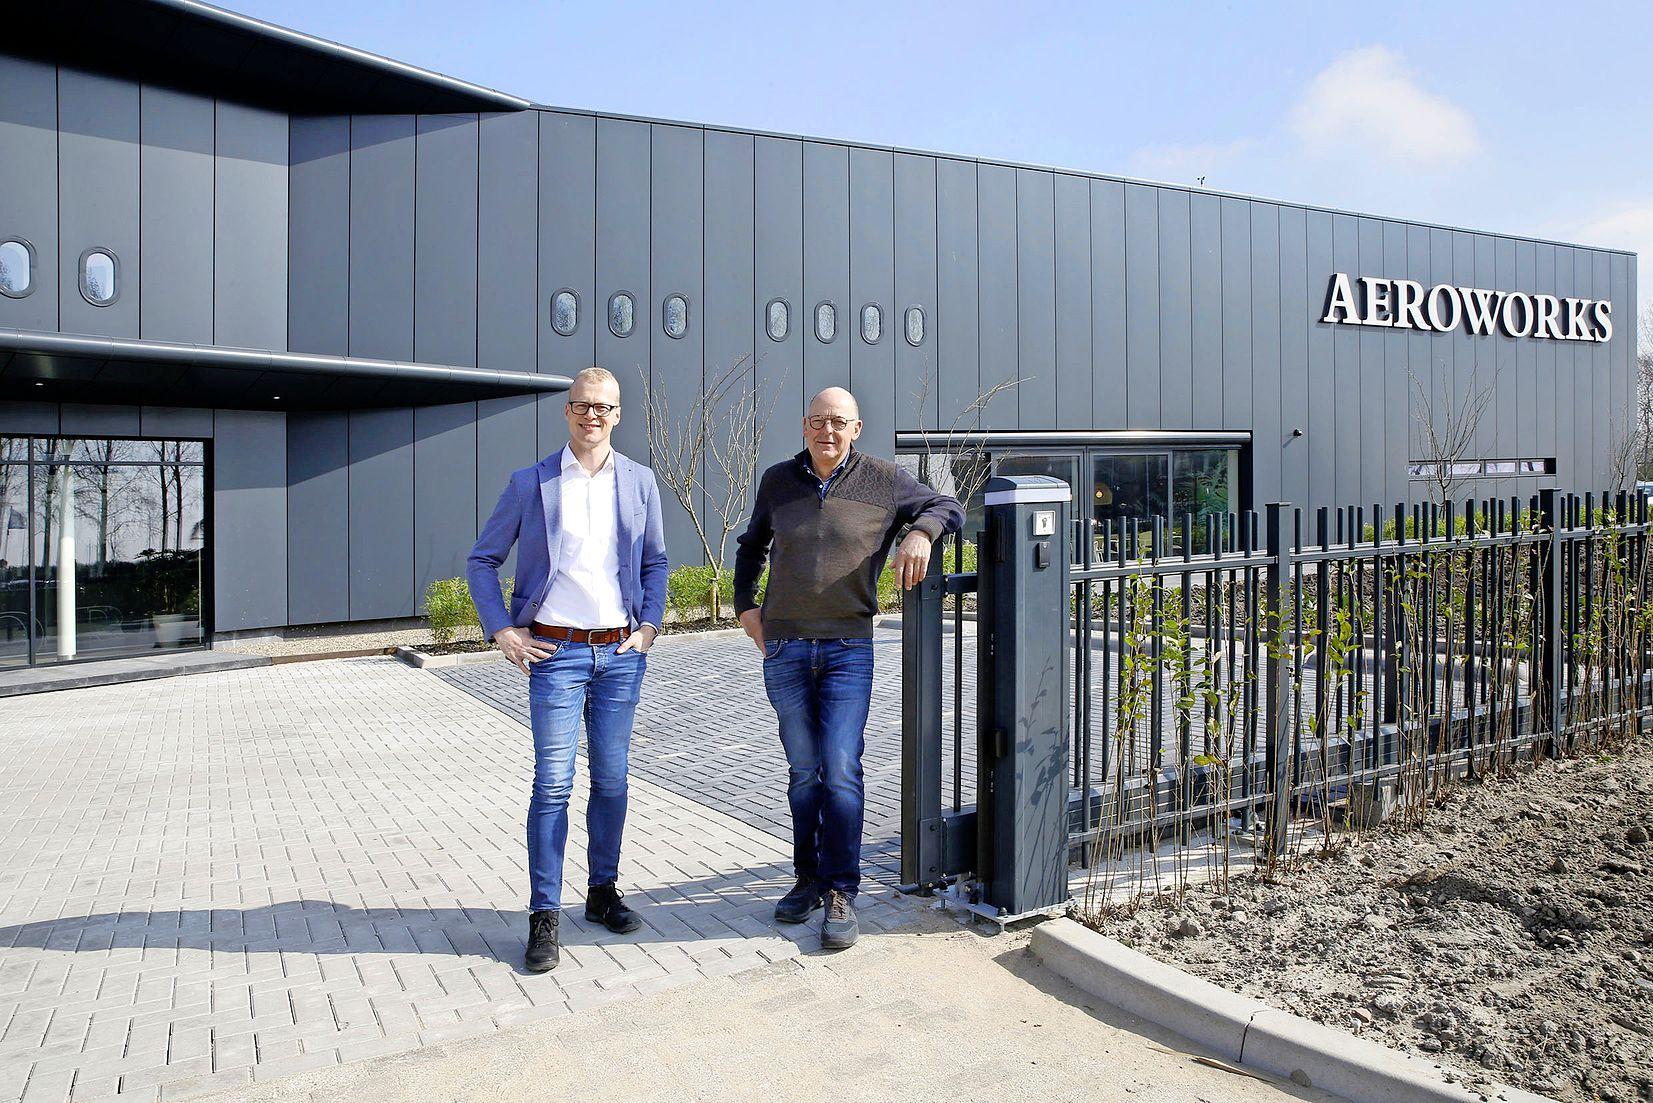 Aeroworks betrekt in lastige coronatijd nieuw hoofdkantoor: ontslag voor vijfhonderd werknemers wereldwijd en omzet meer dan gehalveerd